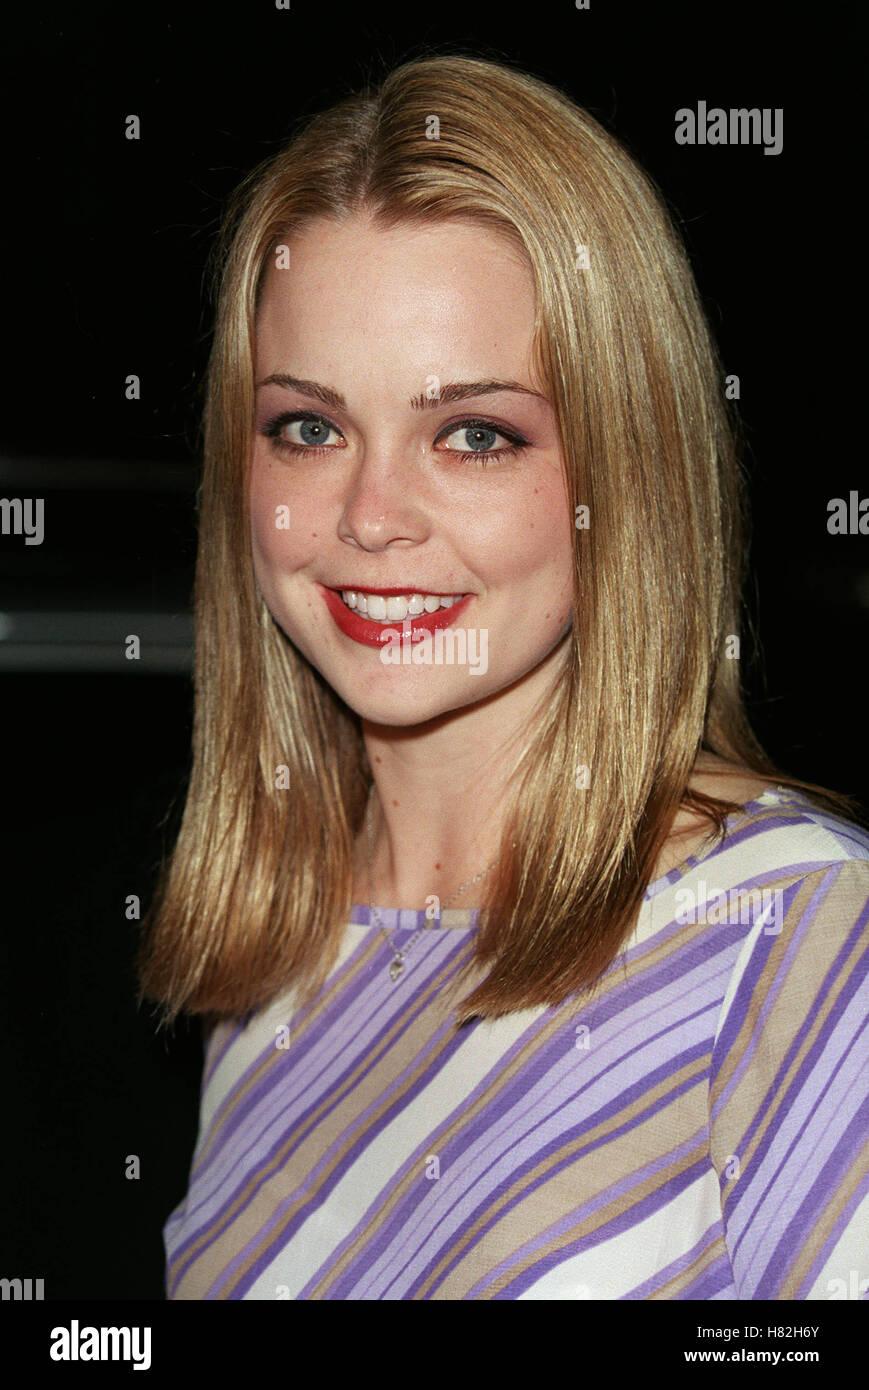 MARISSA COUGHLAN 'MEMENTO' LA PREMIER WESTWOOD LA USA 13 March 2001 - Stock Image